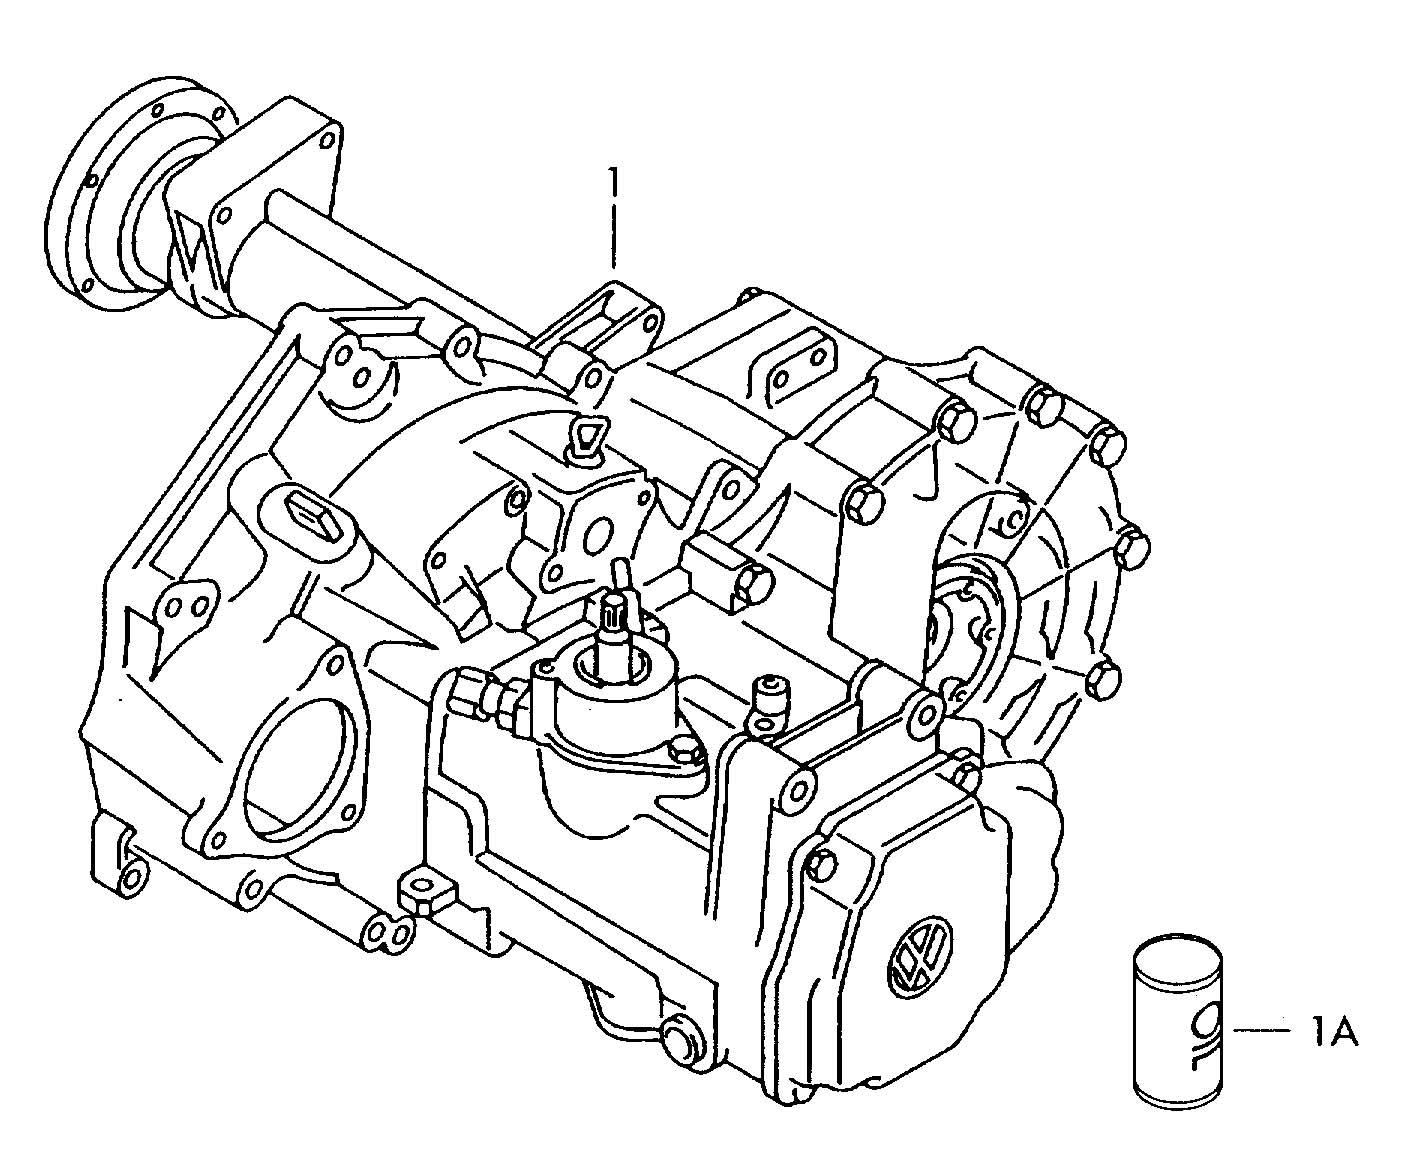 service manual  1992 volkswagen riolet manual transmission